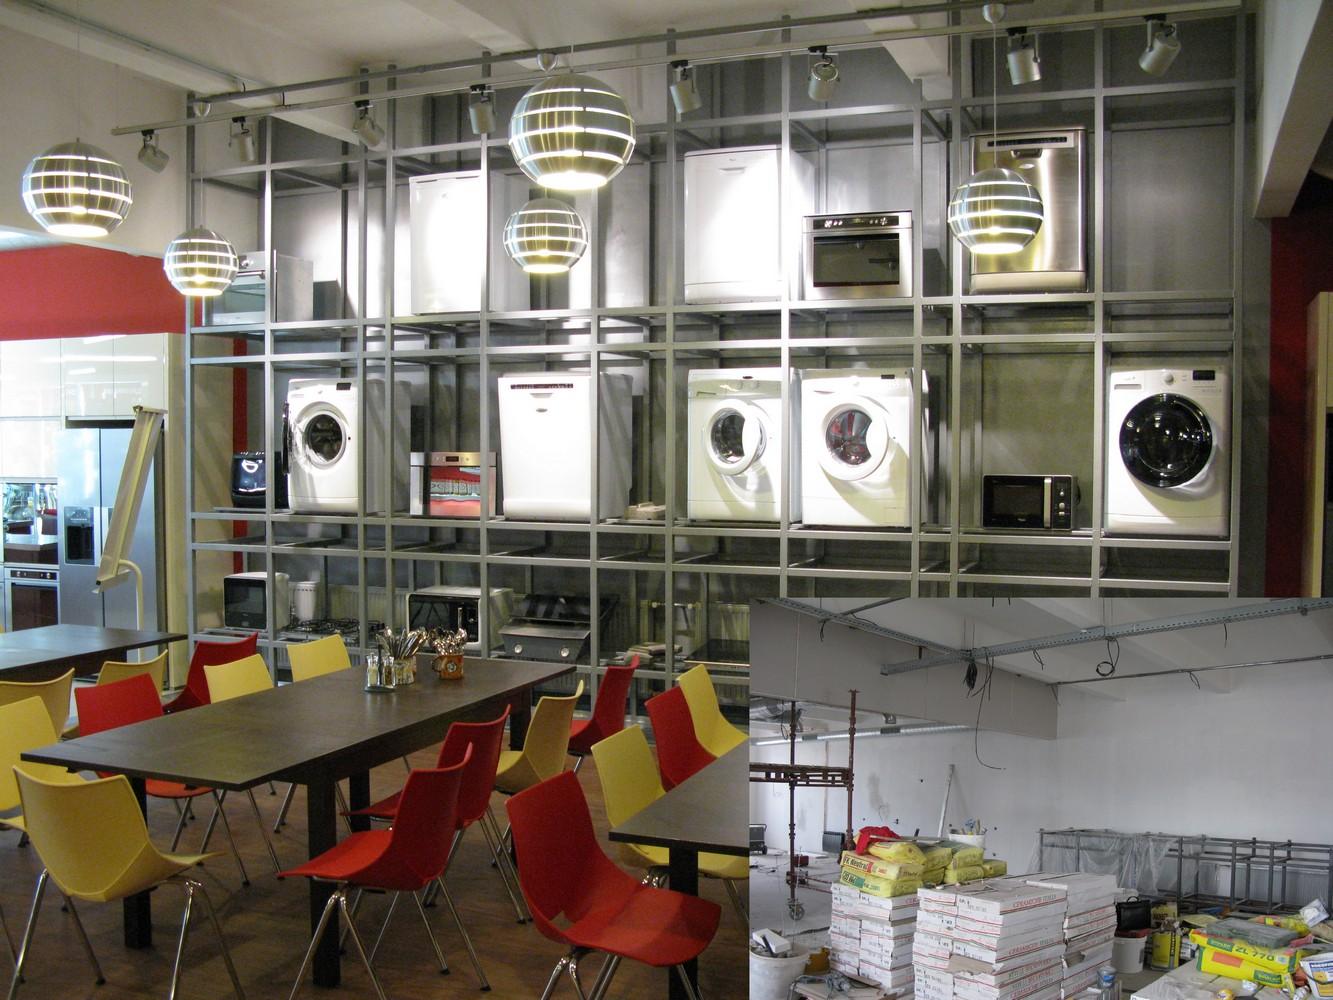 zámečnické práce - regál na výrobky Whirlpool